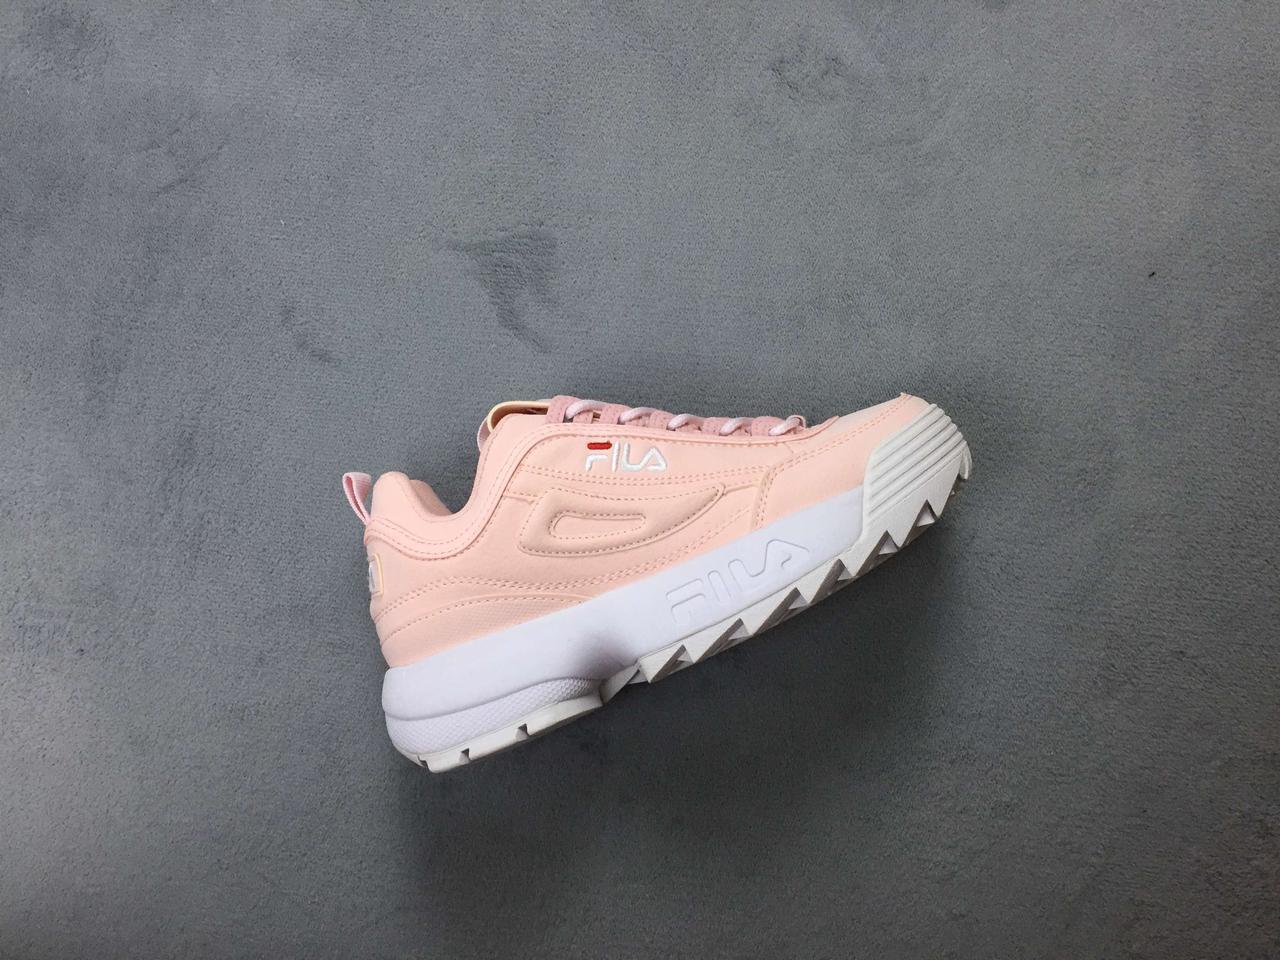 a1e7246f Женские кроссовки Fila Disruptor II Pink, цена 1 595 грн., купить в ...